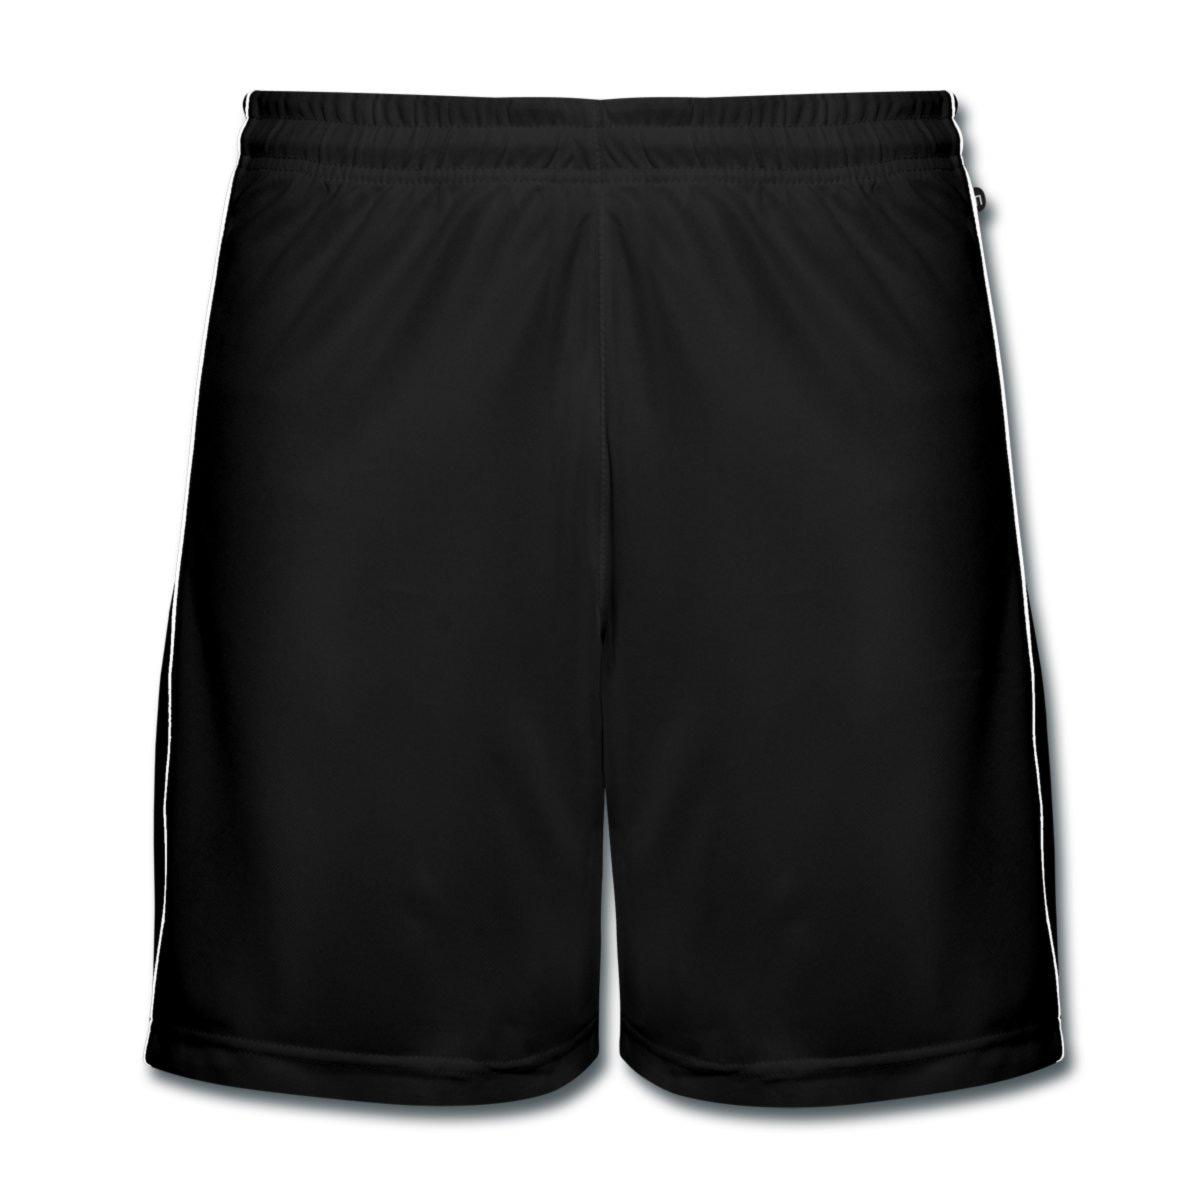 baby neue niedrigere Preise begrenzte garantie Sporthose bedrucken - Kurze Männer Sporthosen gestalten